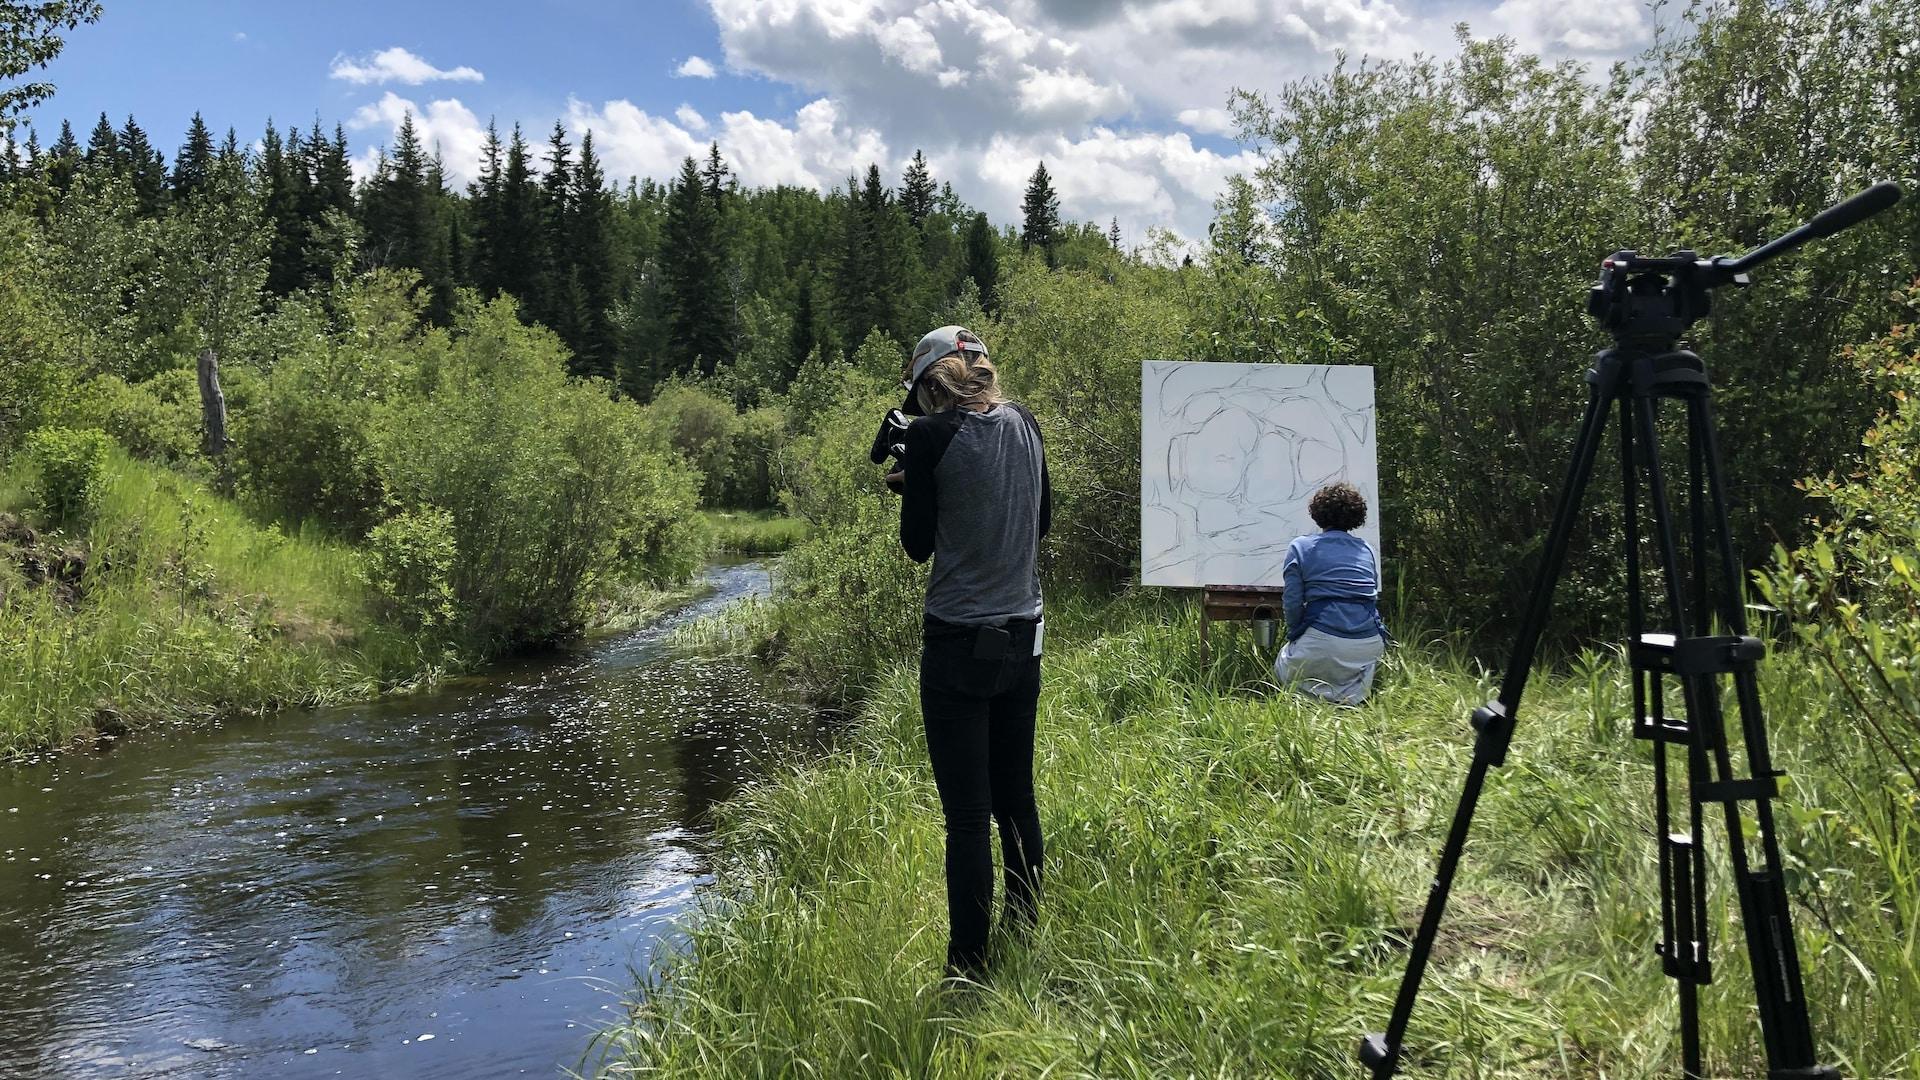 Une femme filme Patricia Lortie dans une forêt en train de peindre une toile déposée sur un chevalet, près d'une rivière.